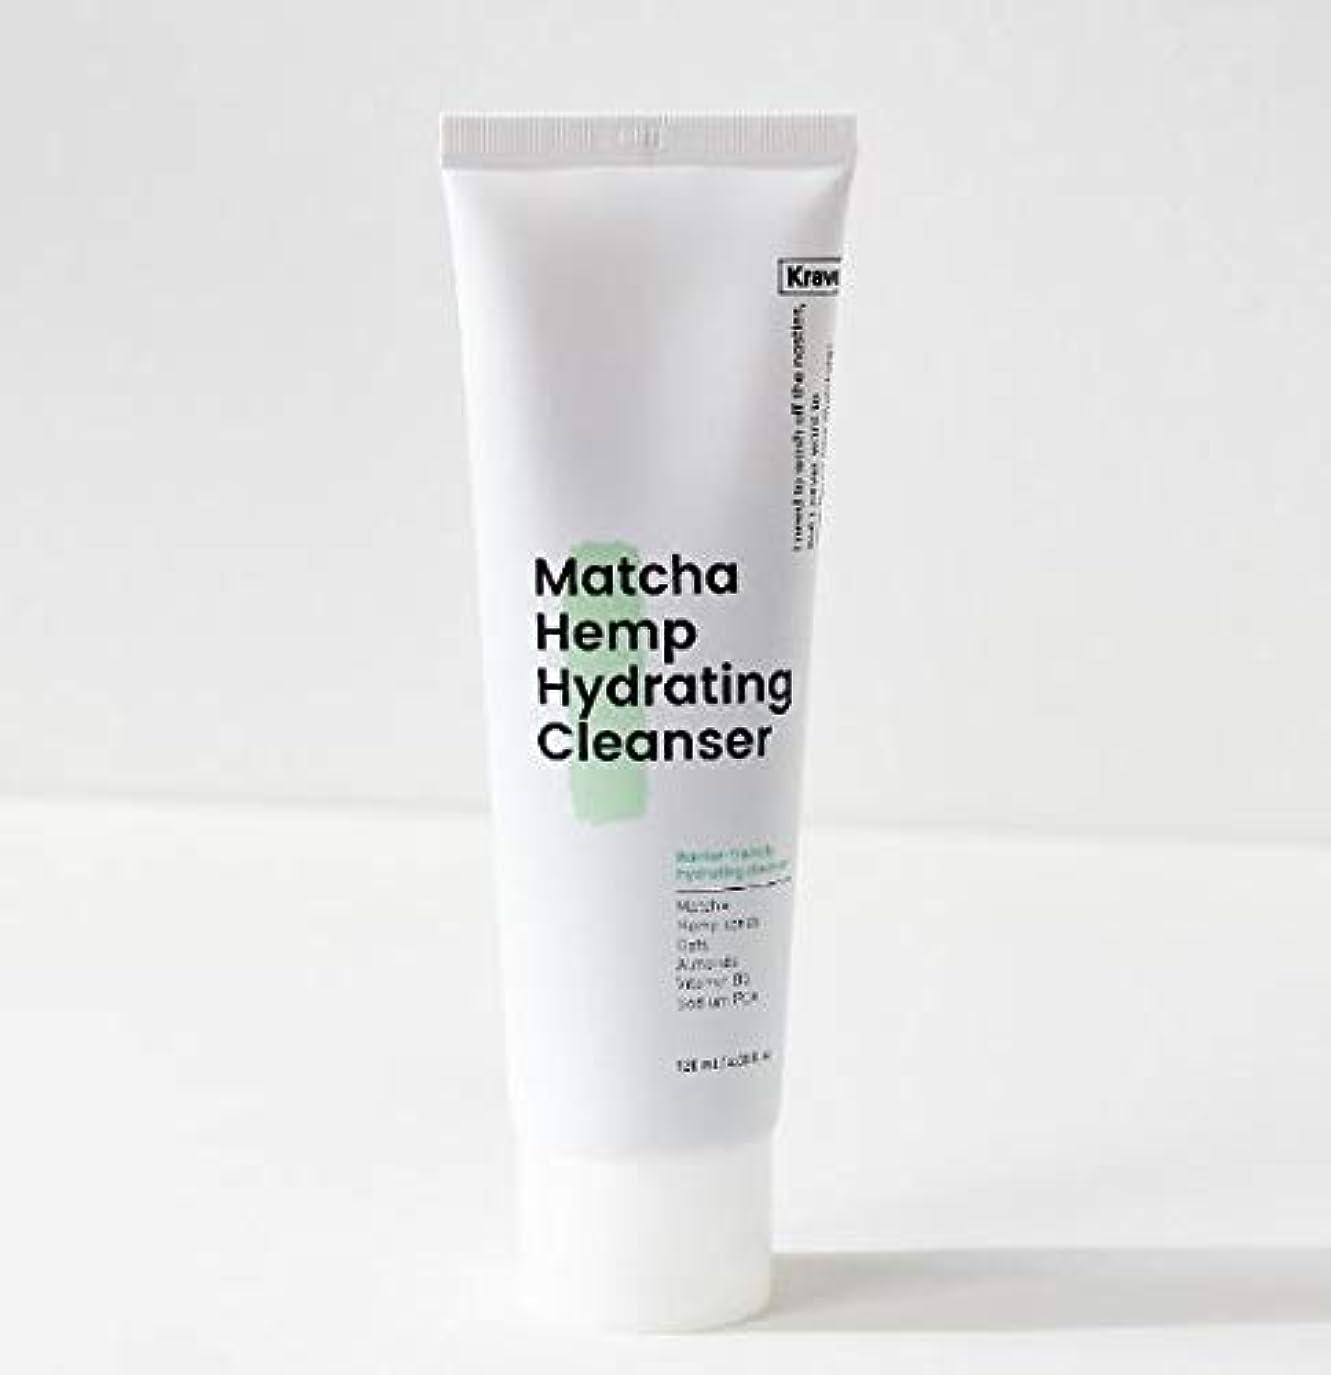 どっちオーバーフローギャロップ[Krave] Matcha Hemp Hydrating Cleanser 120ml / 抹茶ハイドレイティングクレンザー120ml [並行輸入品]